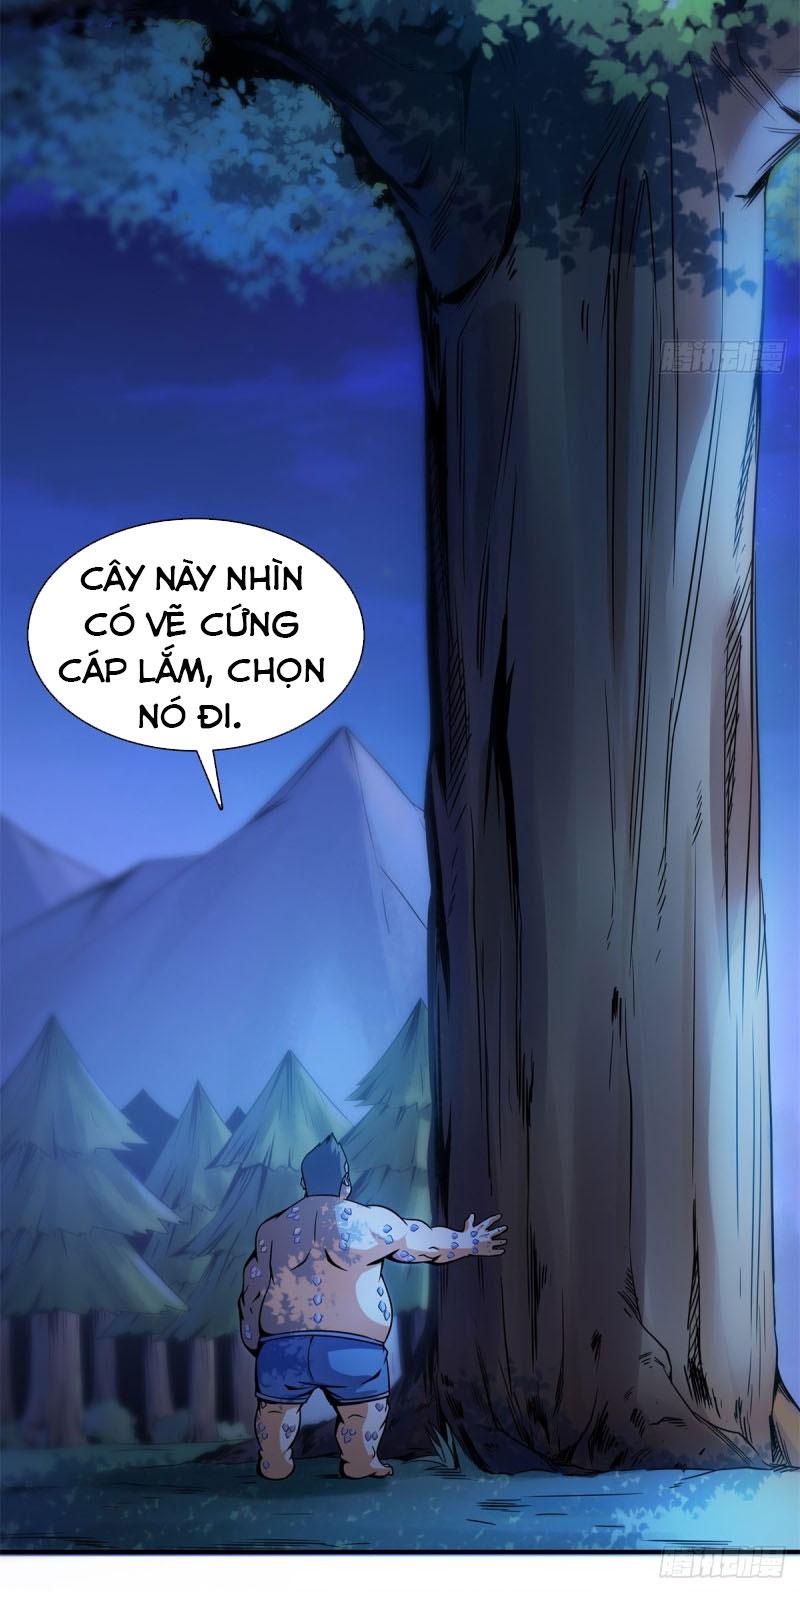 Thiên Đạo Đồ Thư Quán Chương 108 - Vcomic.net